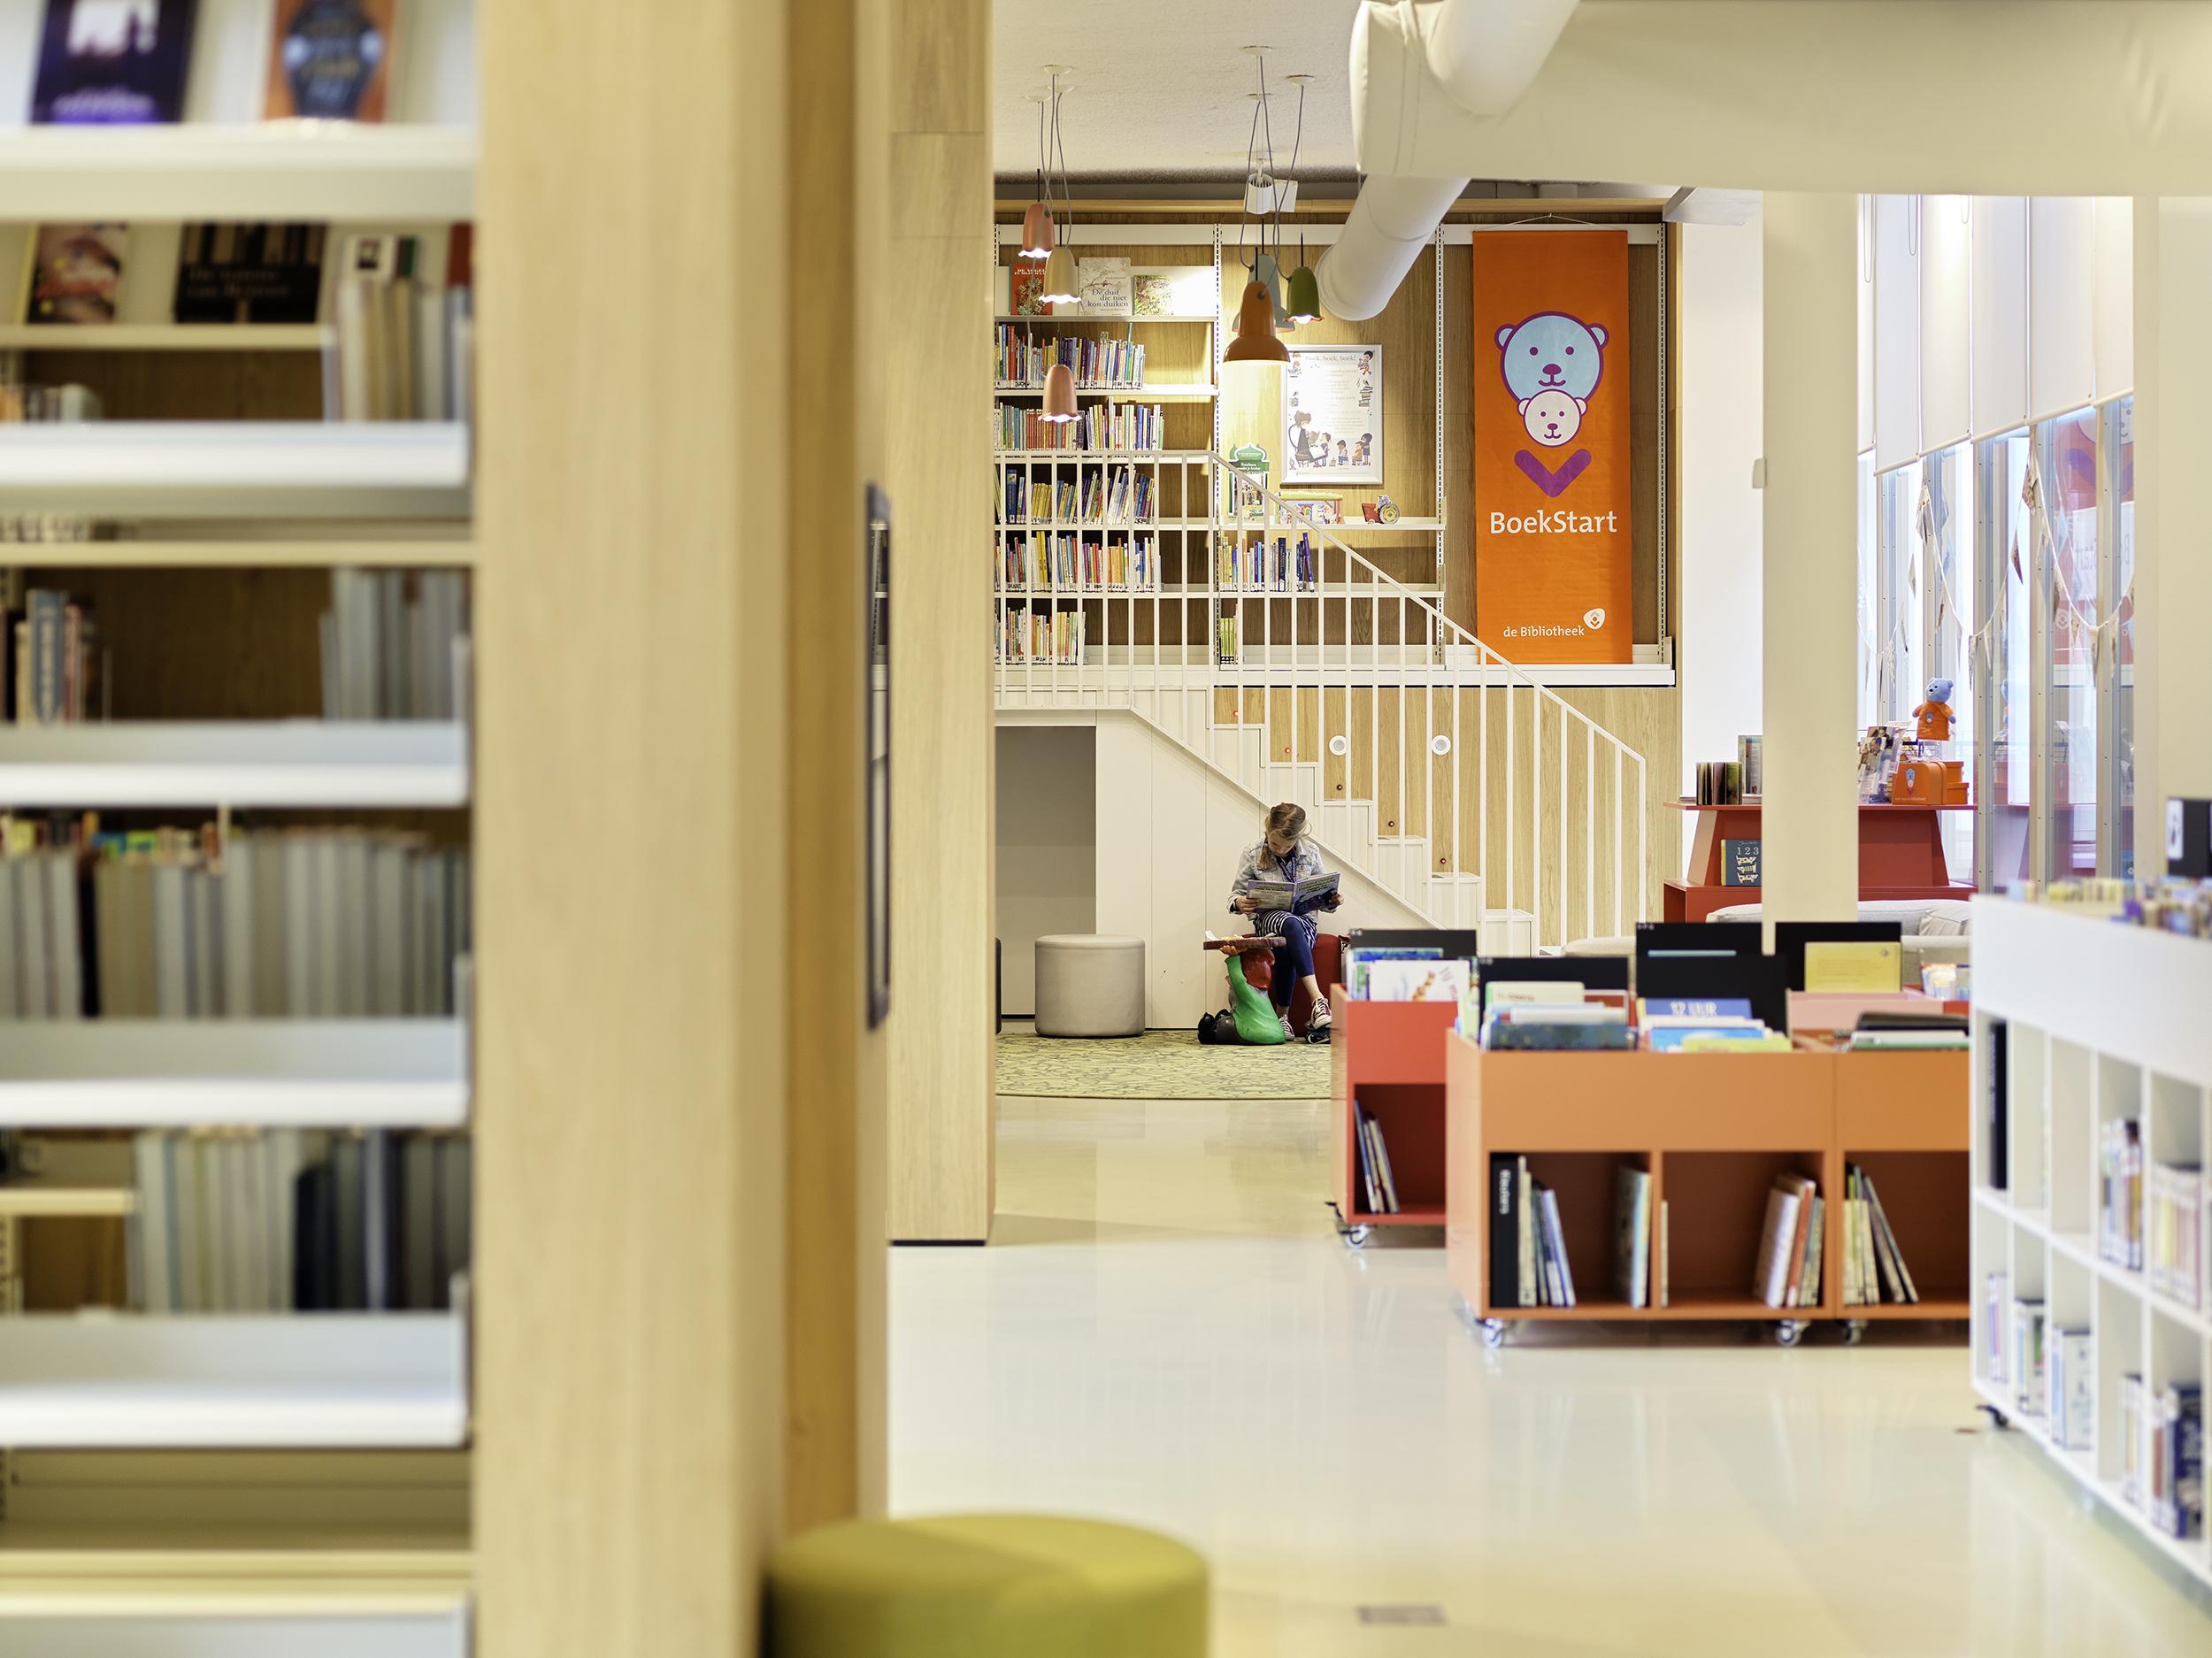 Bibliotheek bewijst waarde in tijden van corona: 'Aan boeken is veel behoefte, zeker als iedereen thuis zit'